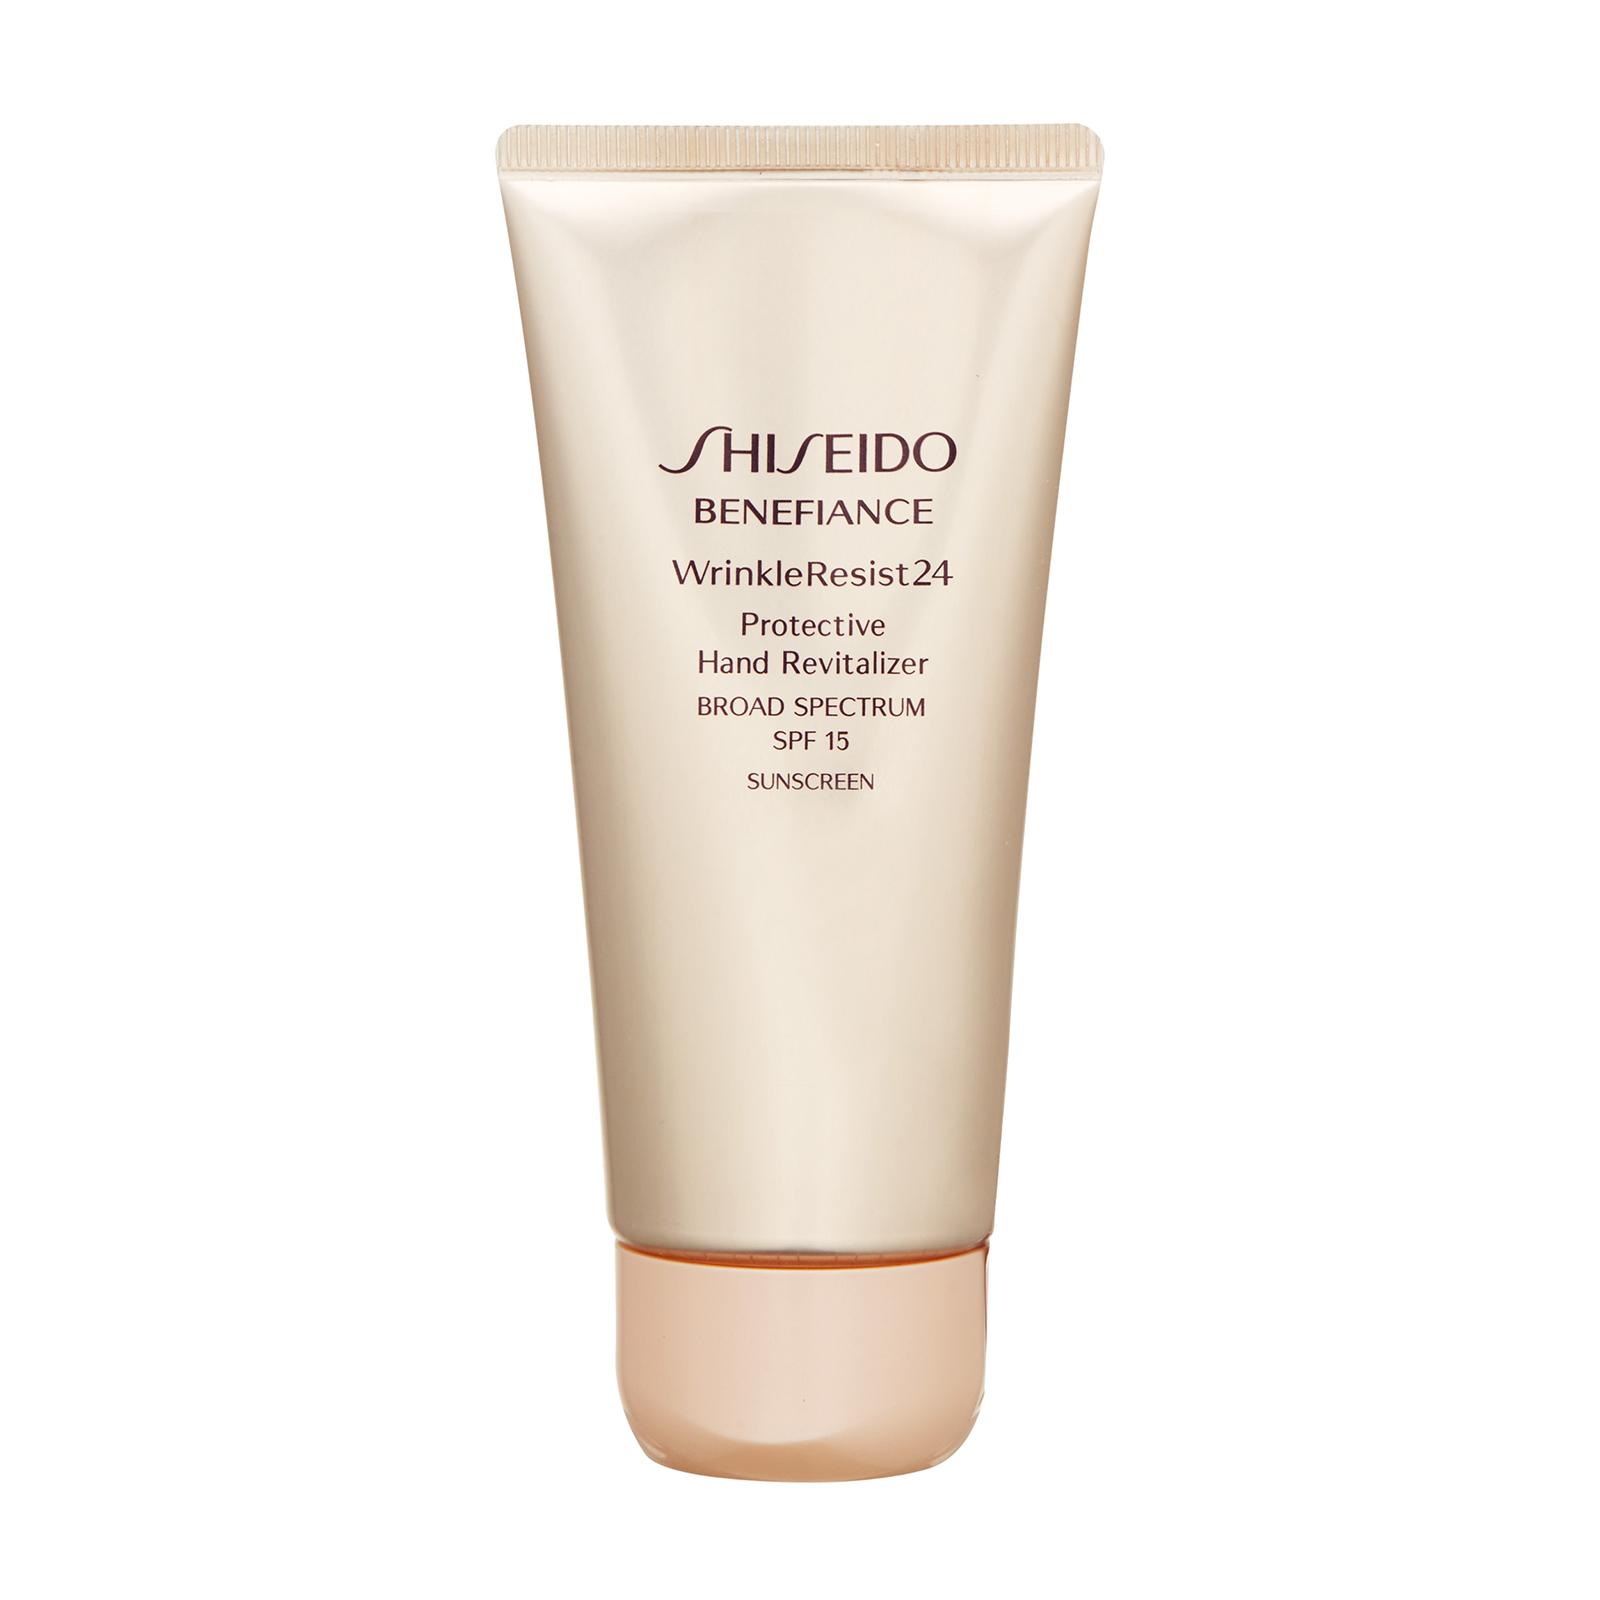 Shiseido Benefiance  WrinkleResist 24 Protective Hand Revitalizer Broad Spectrum SPF15 2.6, 75ml